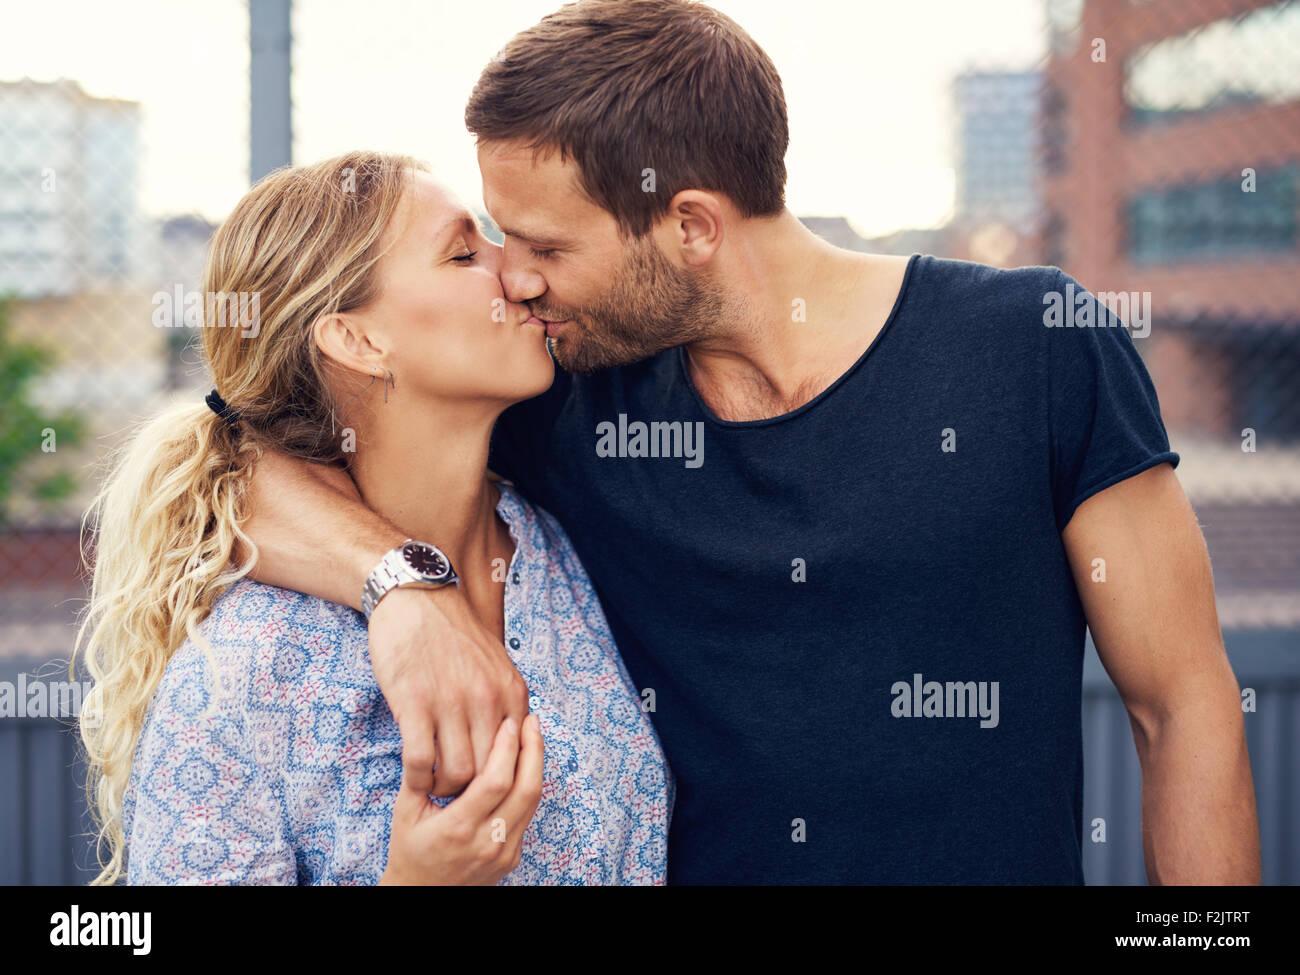 Attraente amorosa coppia giovane godetevi una romantica bacio come stanno a braccetto all aperto in una strada urbana Foto Stock